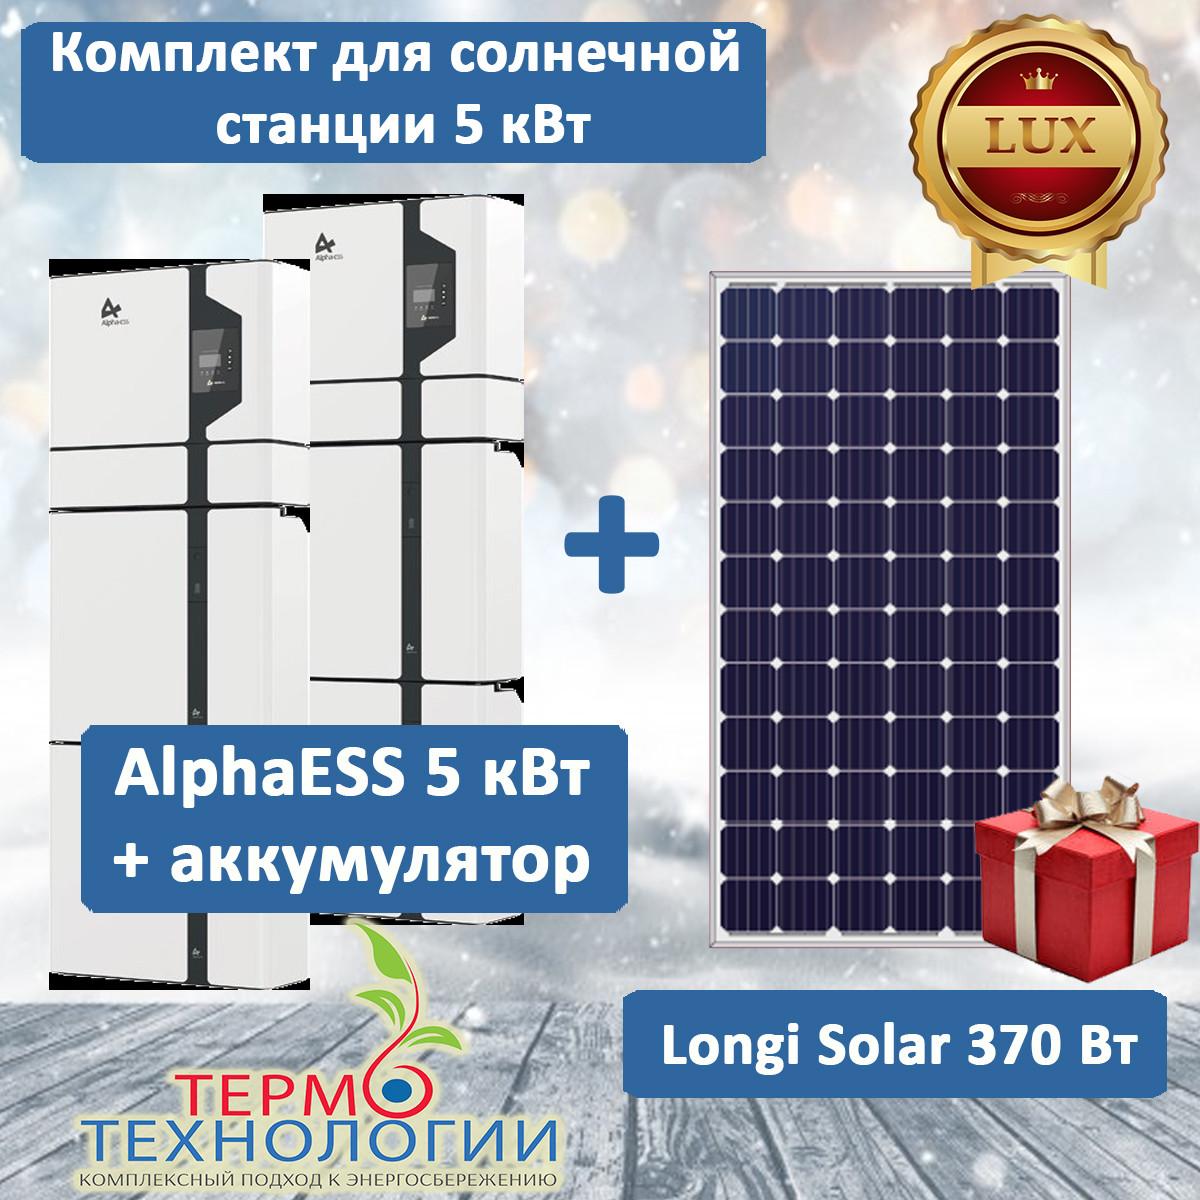 Комплект для гибридной солнечной станции 5 кВт AlphaESS и LONGI Solar